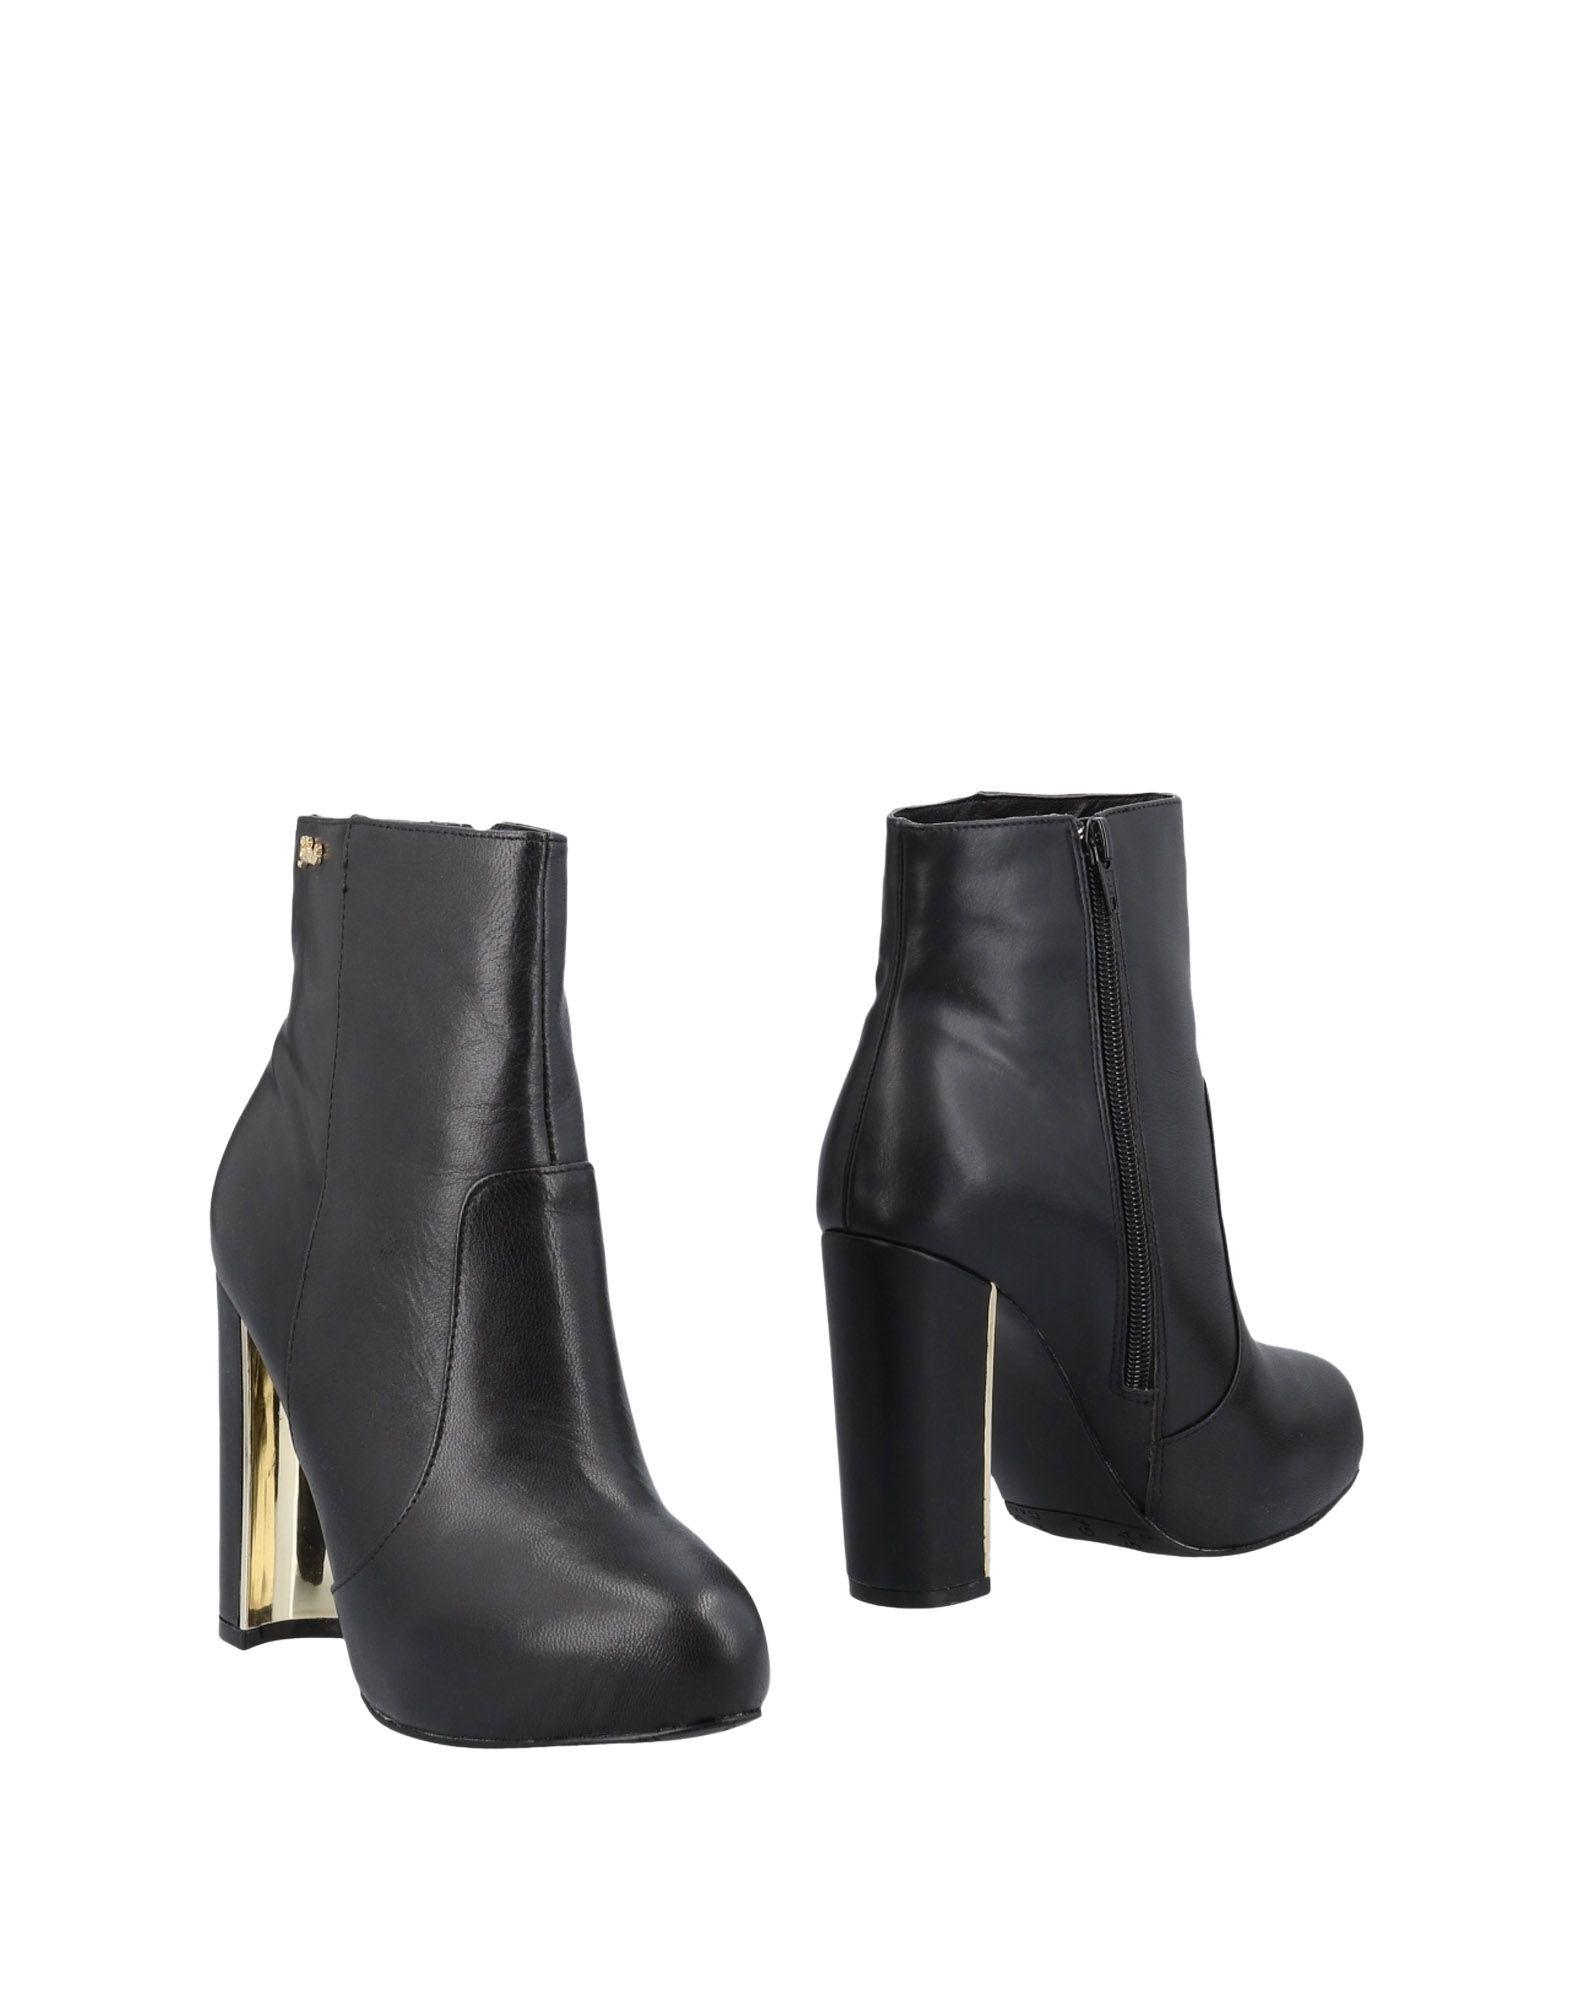 Gaudì Stiefelette Damen  11274476LL Gute Qualität beliebte Schuhe